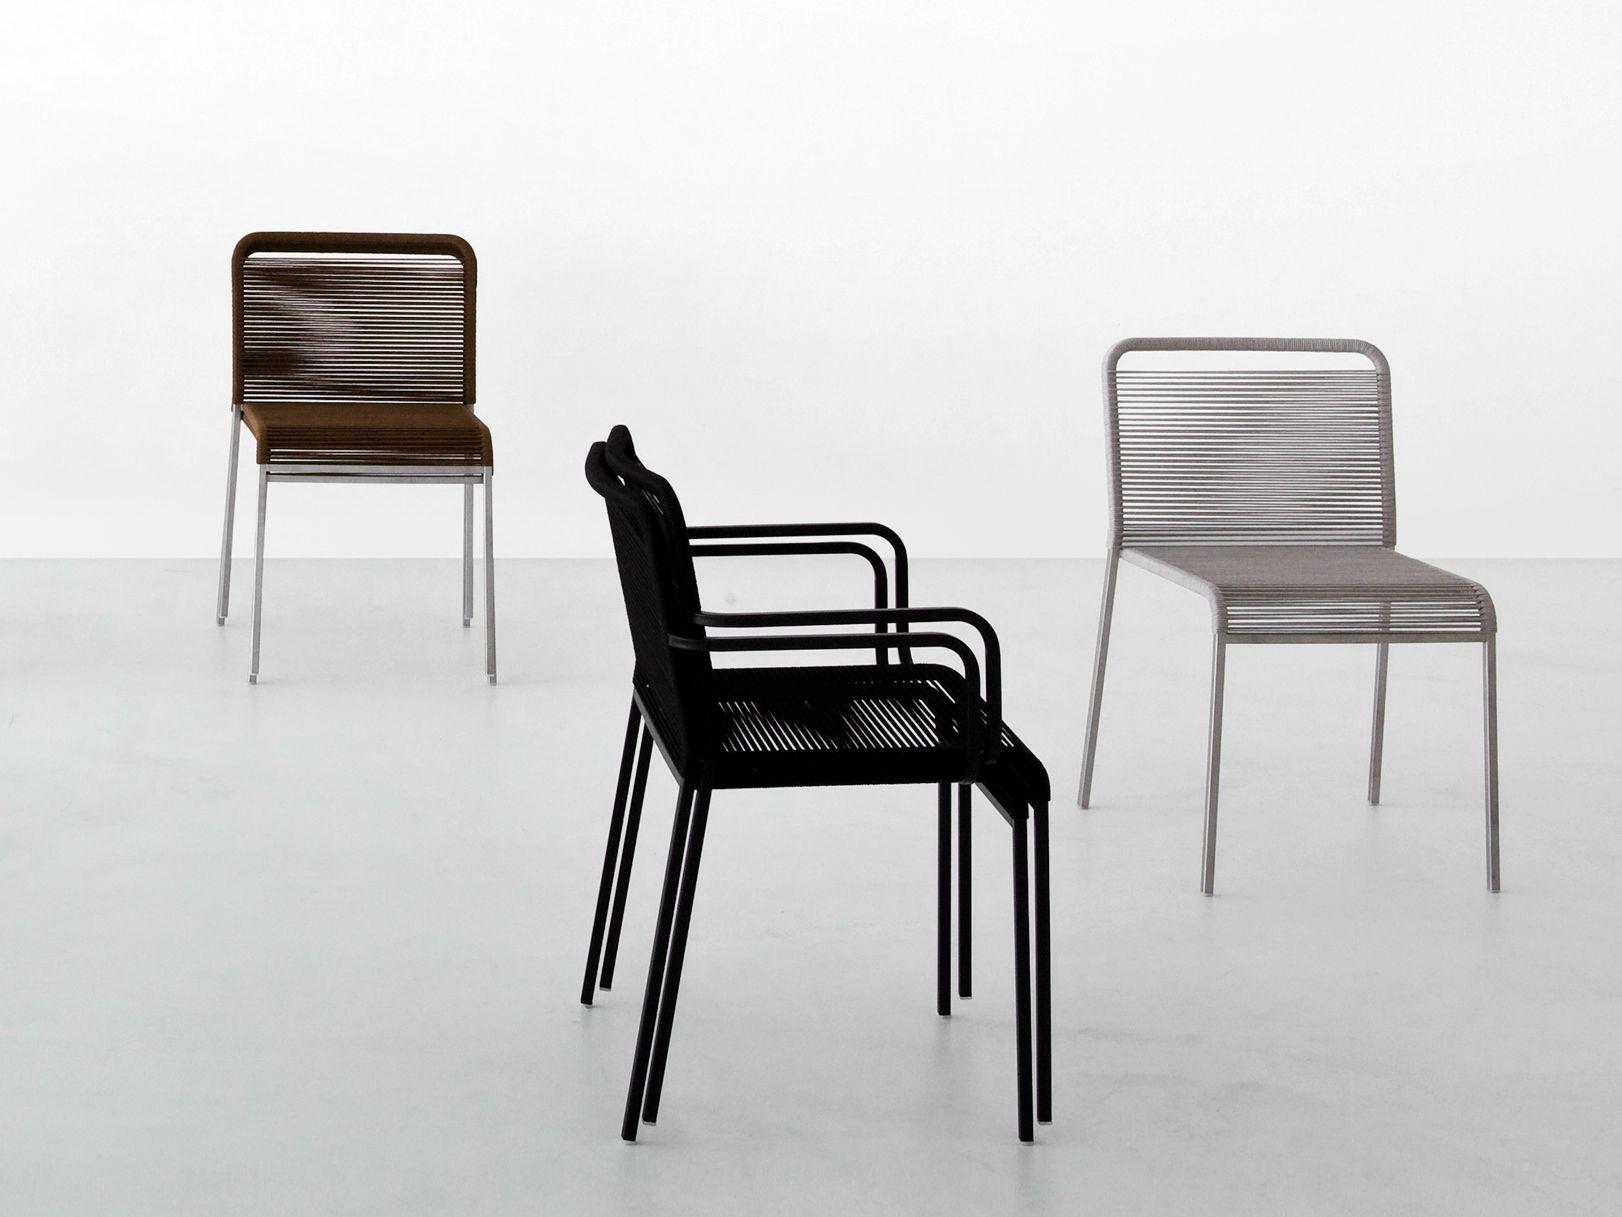 Chaise De Jardin En Polyester Avec Accoudoirs Collection Aria By Lapalma Design Romano Marcato Chaise De Jardin Chaise Accoudoir Design